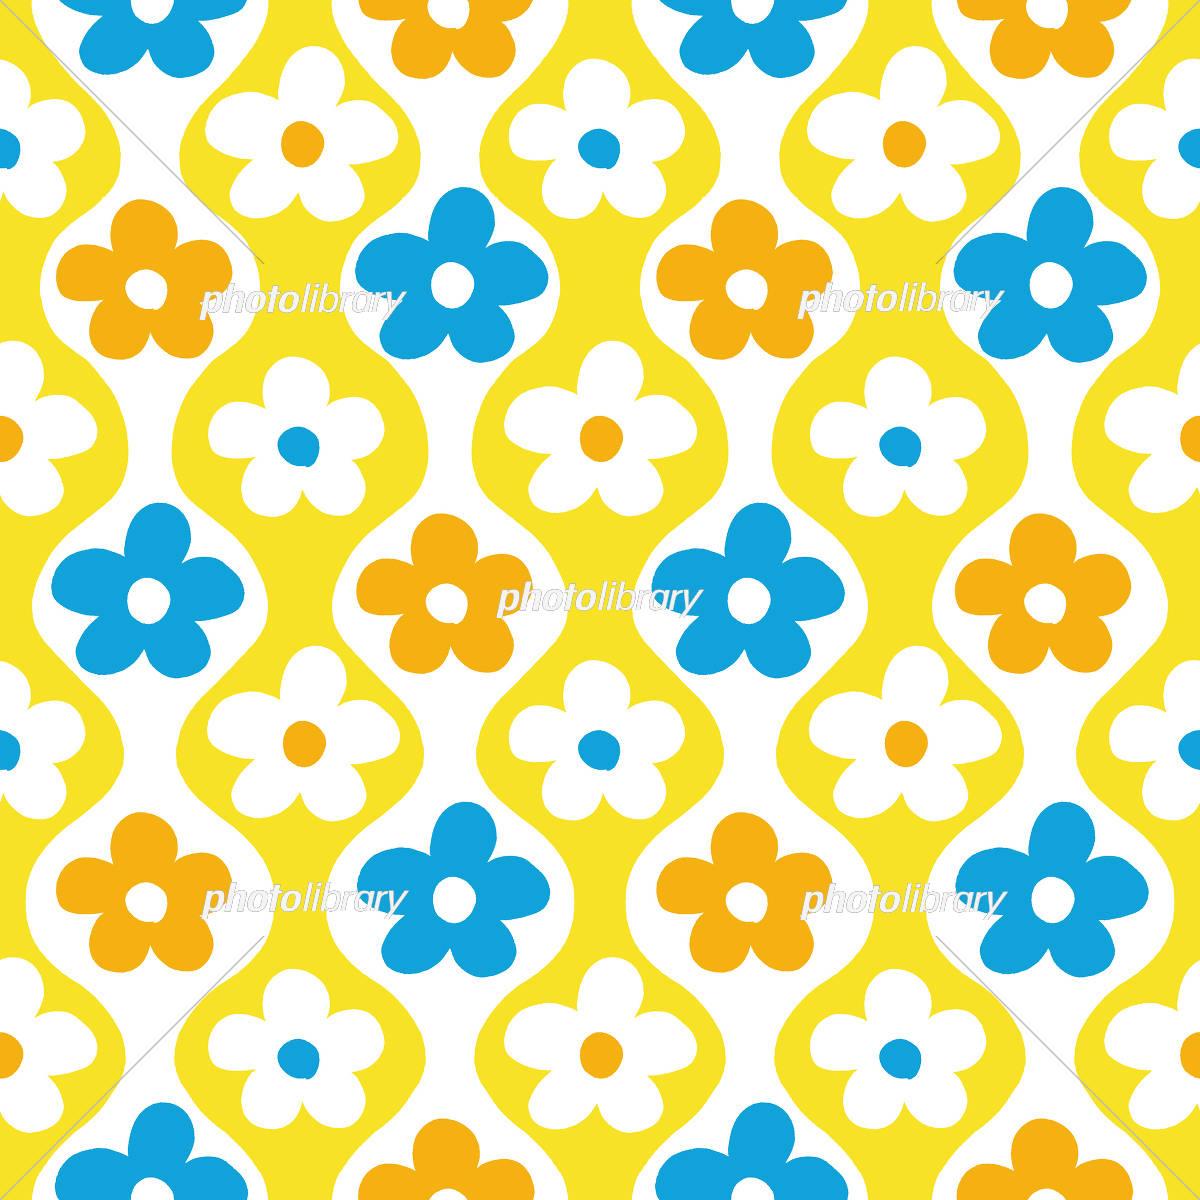 レトロポップな花柄 黄青 イラスト素材 5001016 フォトライブ